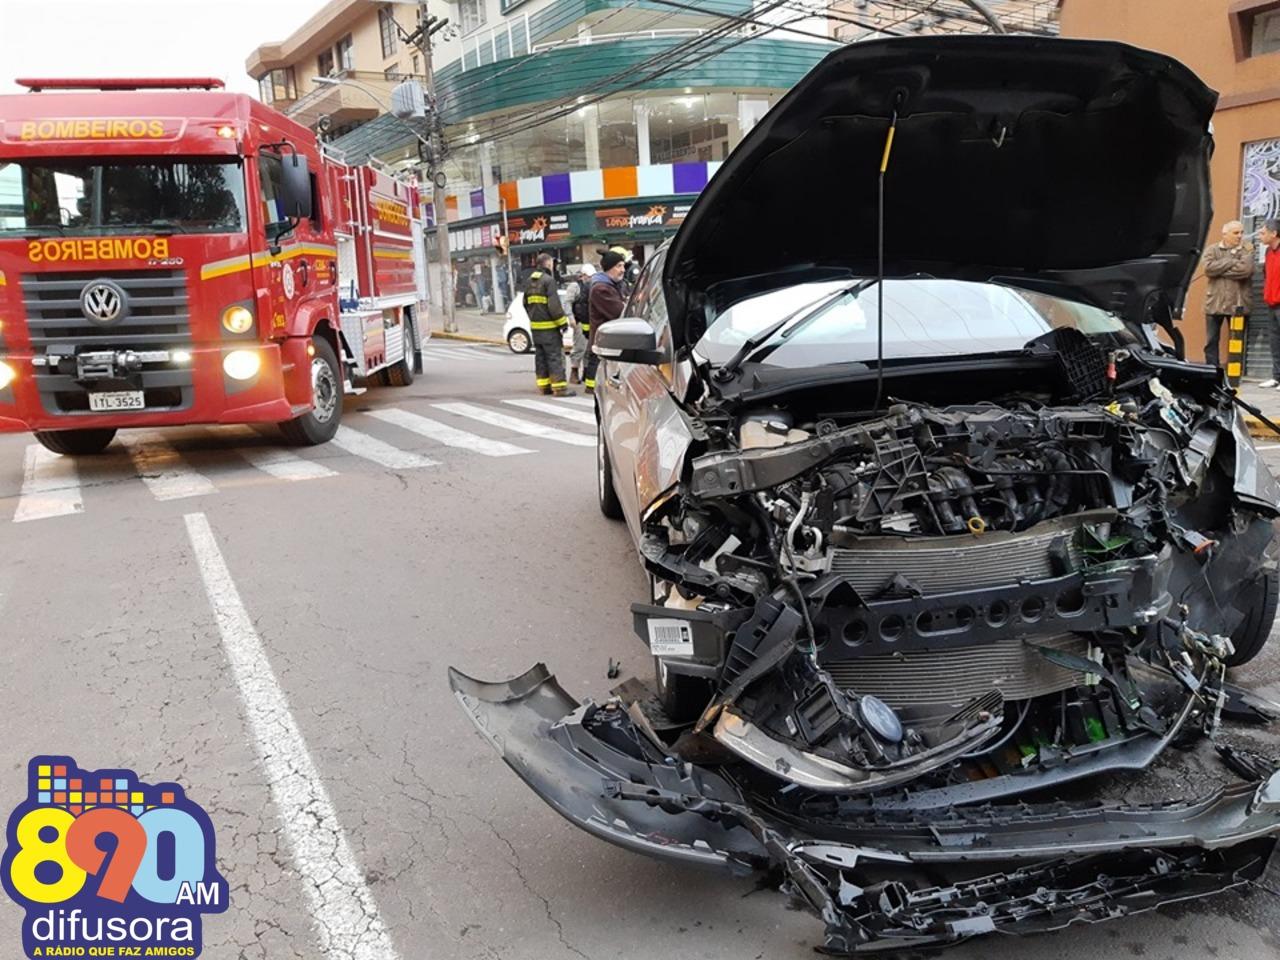 Casal fica ferido após acidente no centro de Bento